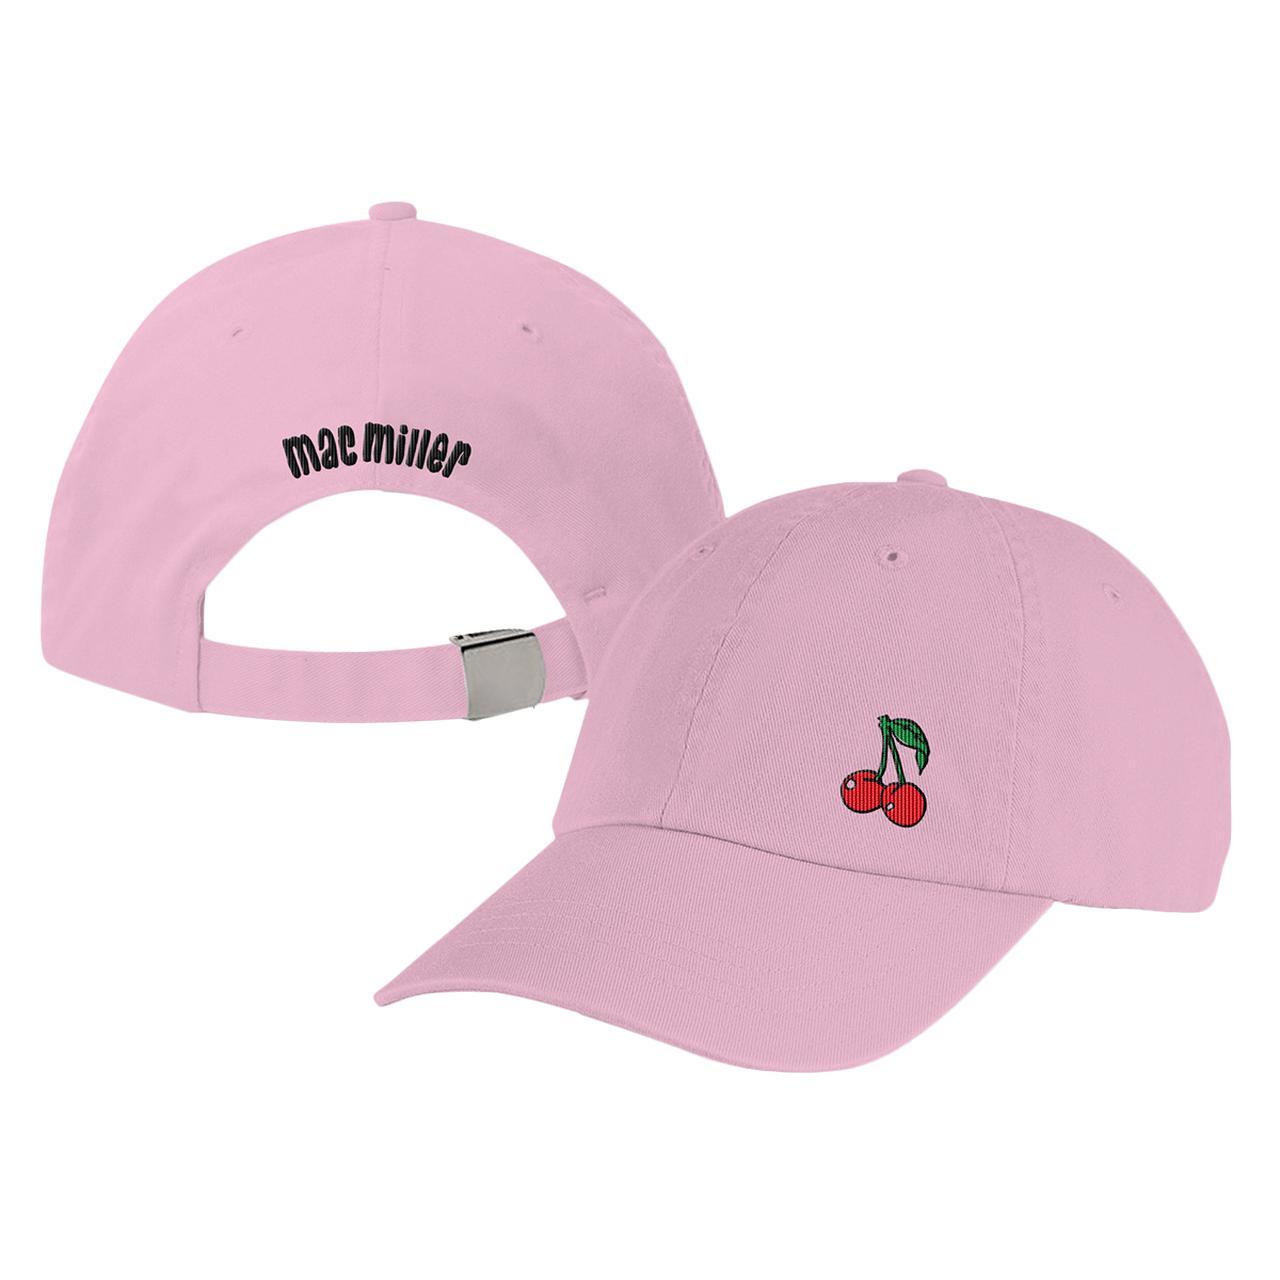 Mac Miller. PINK DAD HAT 4b47970e900